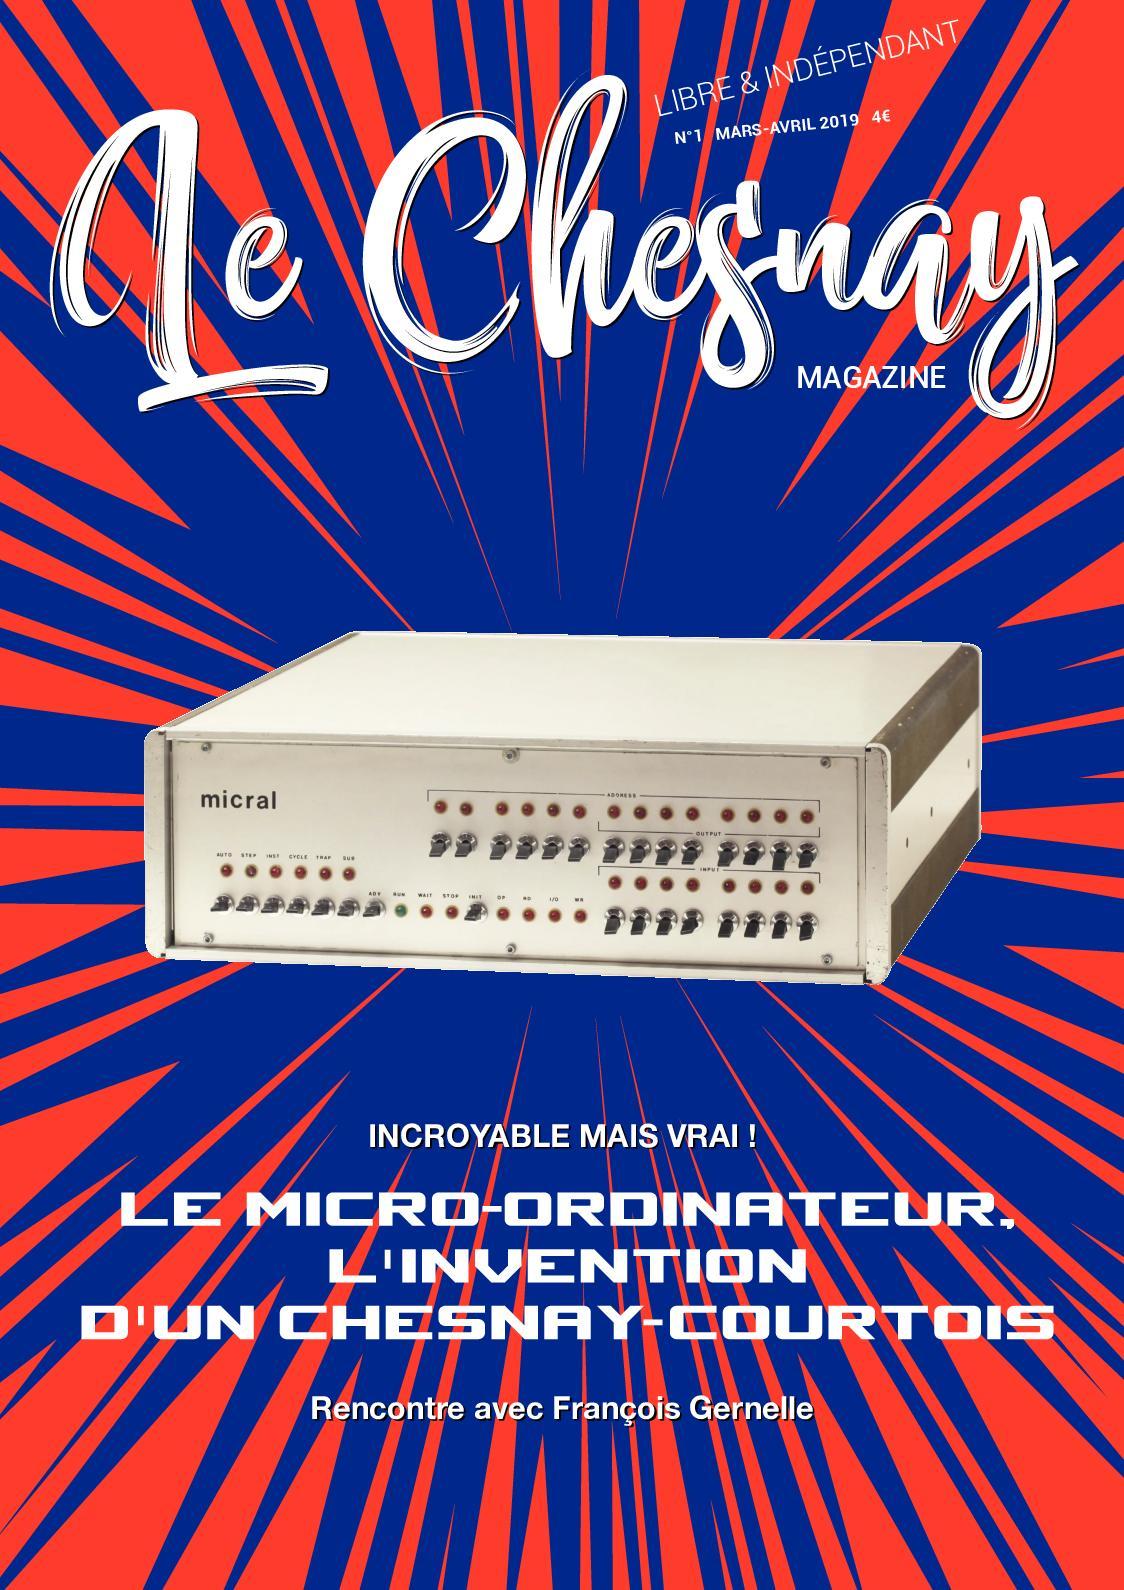 Le Rendez Vous Enchanté Le Chesnay calaméo - le chesnay magazine n°1 - mars-avril 2019